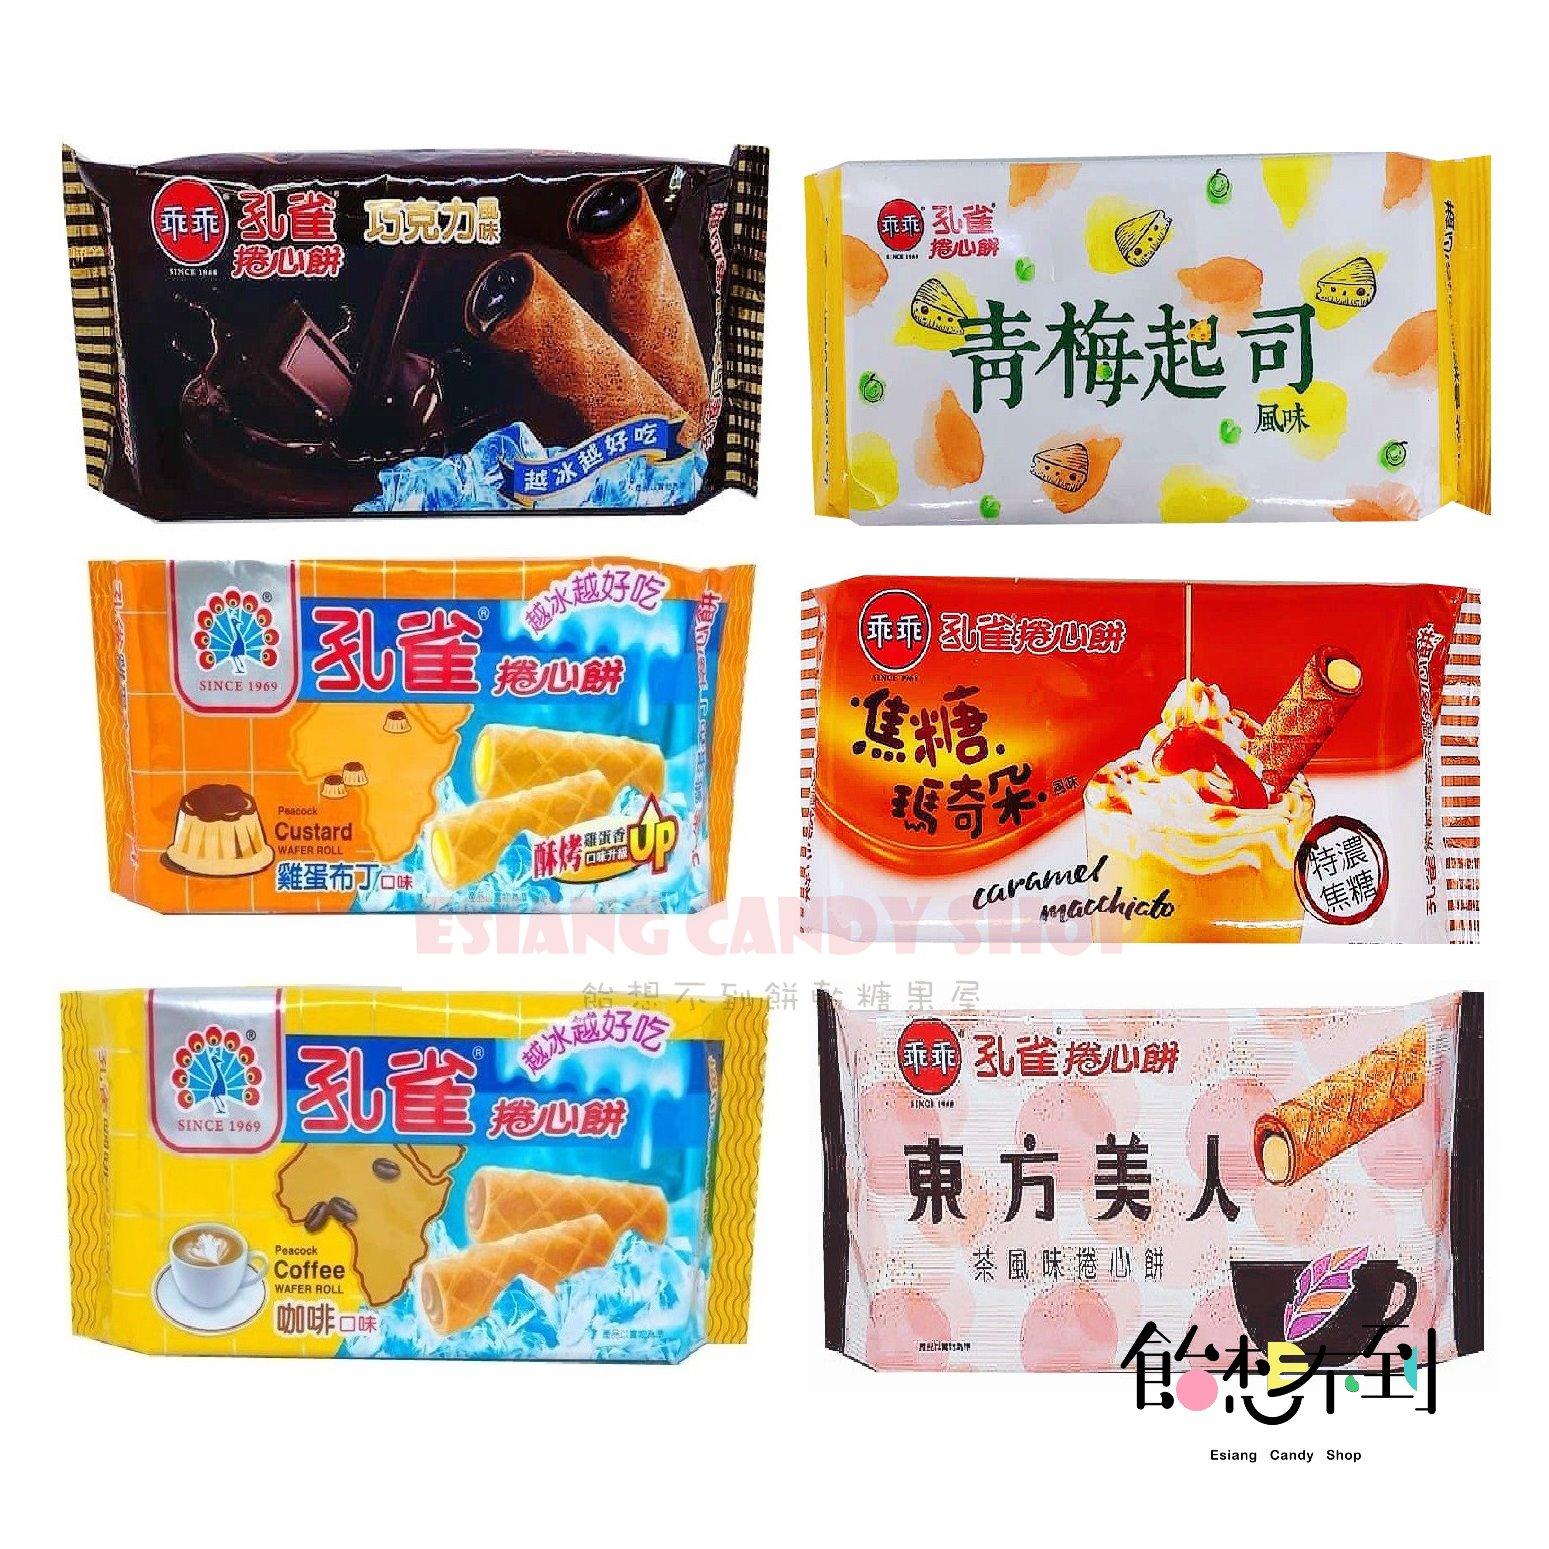 【飴想不到】孔雀捲心餅 - 咖啡/巧克力/雞蛋布/東方美人茶/青梅起司/焦糖瑪奇朵63g